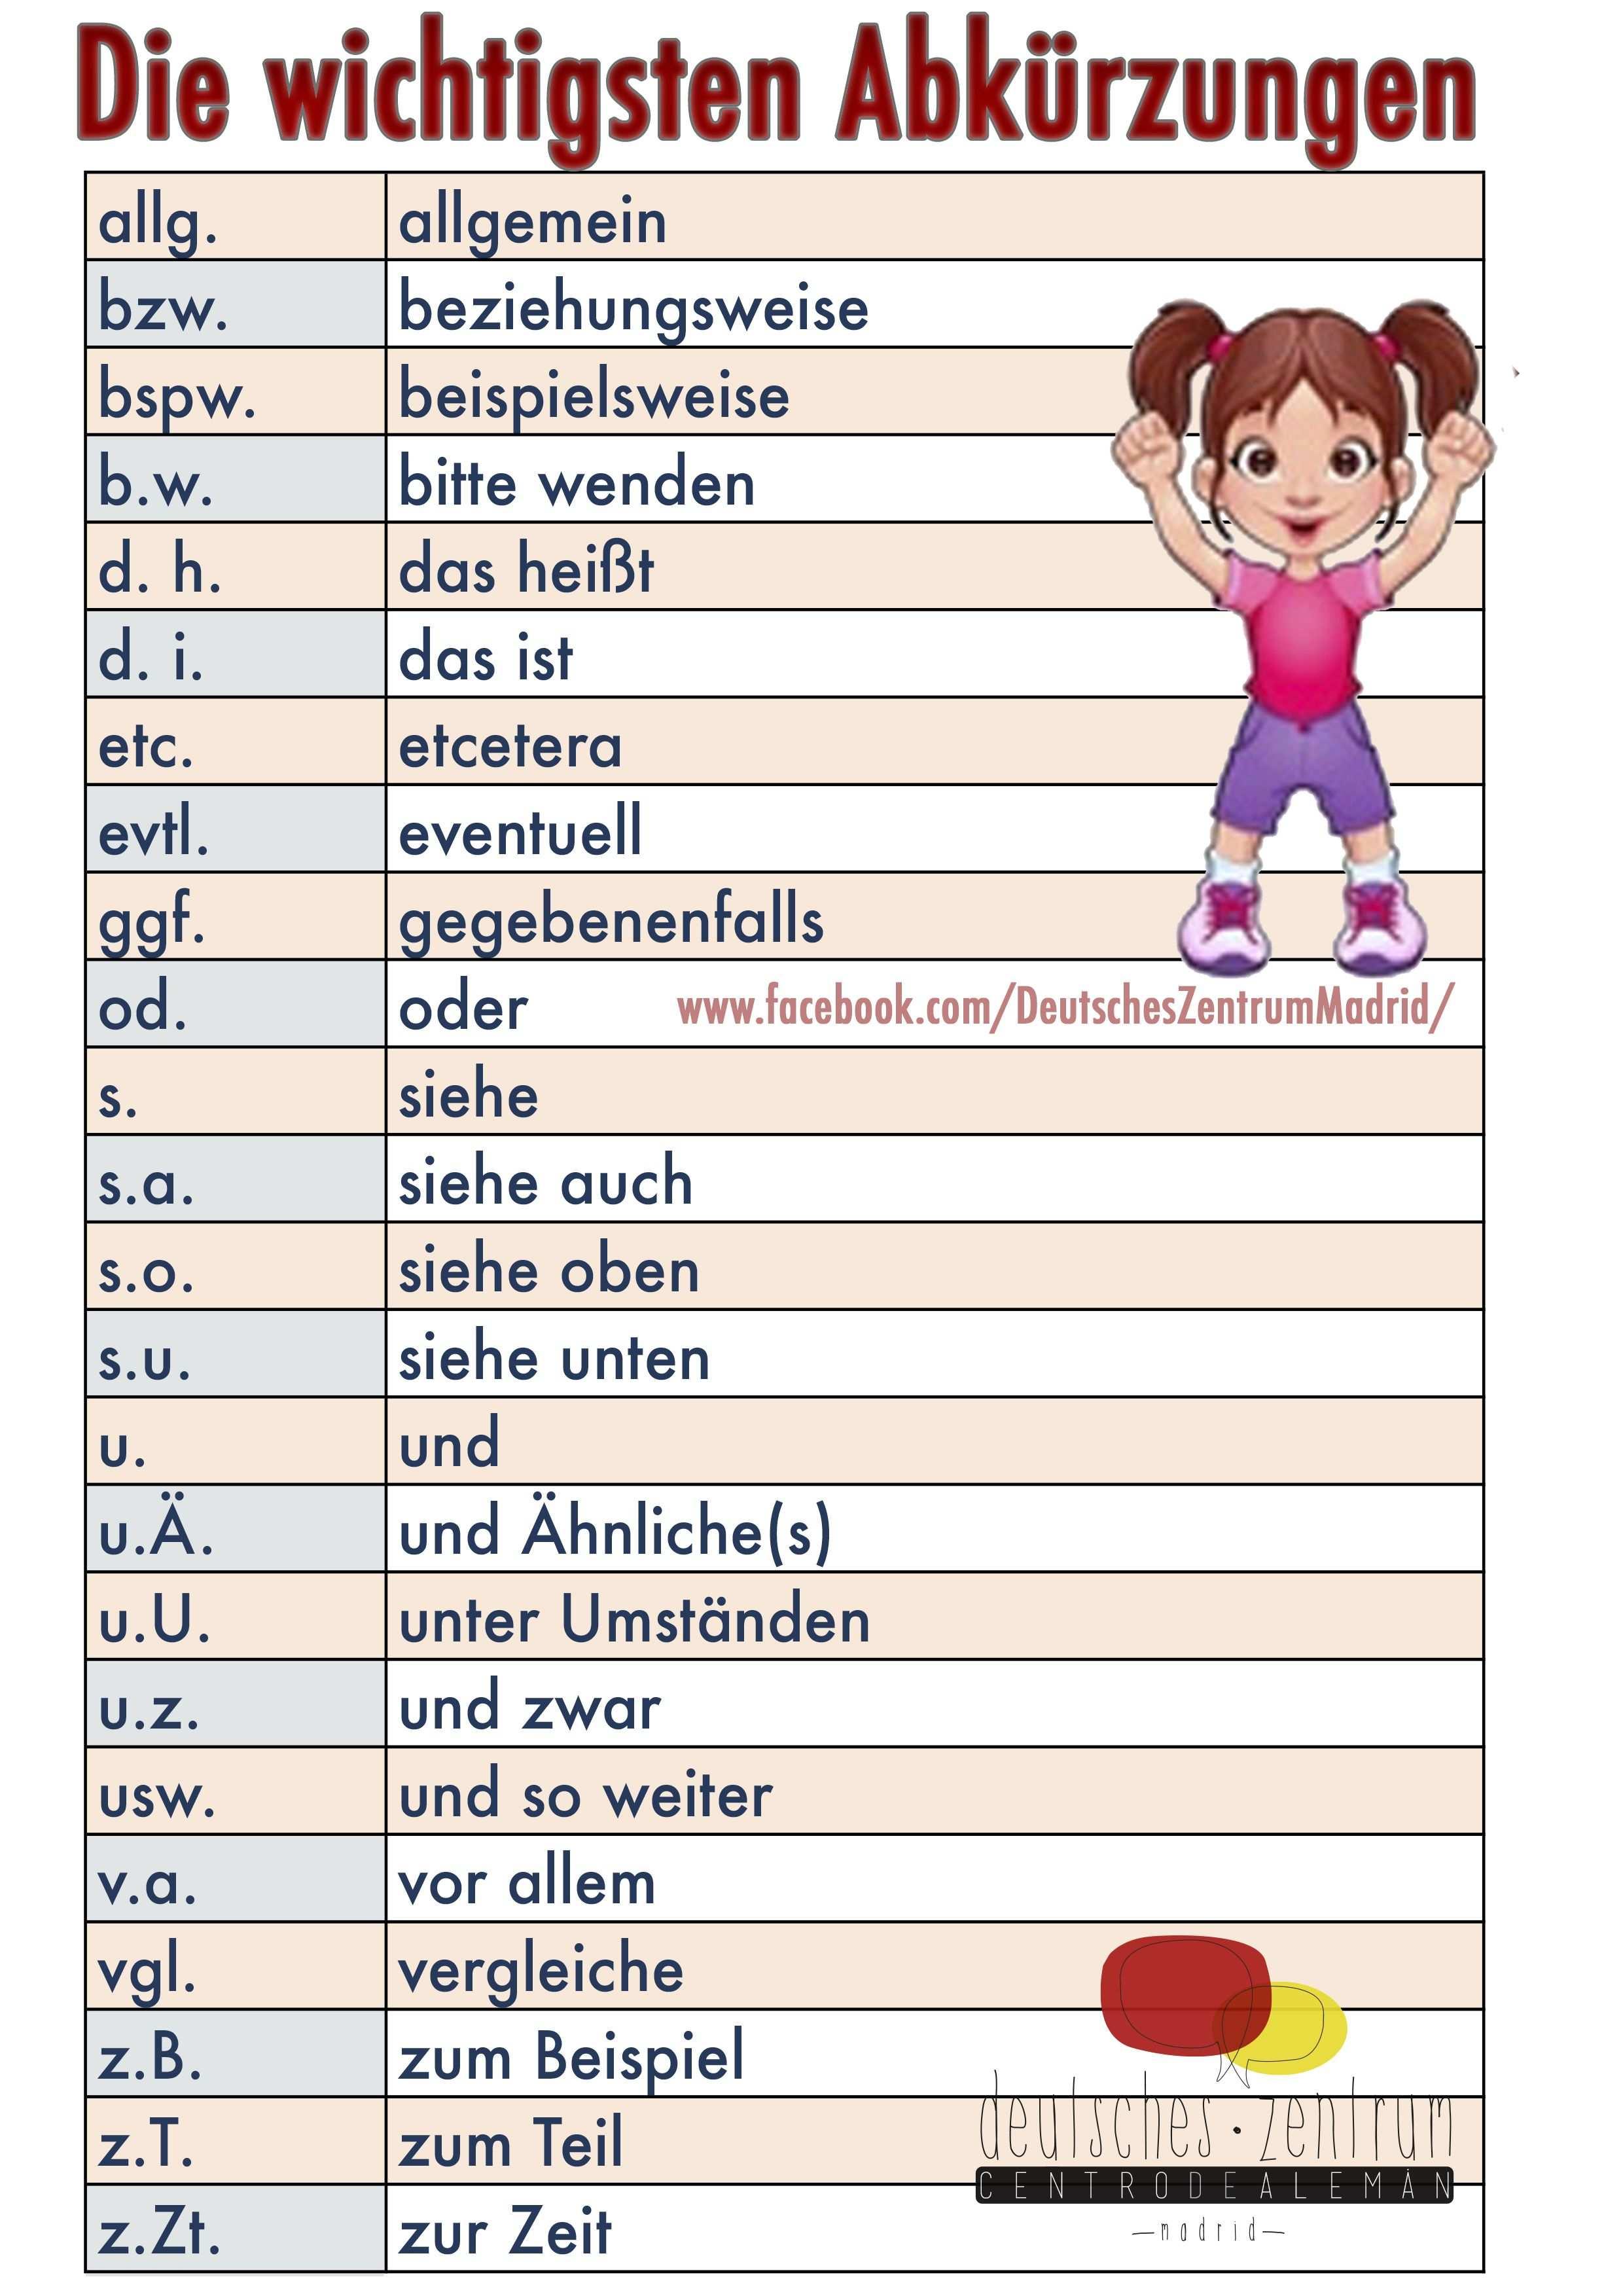 Abkurzungen Deutsch Wortschatz Grammatik German Aleman Daf Abreviaturas Deutsch Lernen Deutsch Wortschatz Grammatik